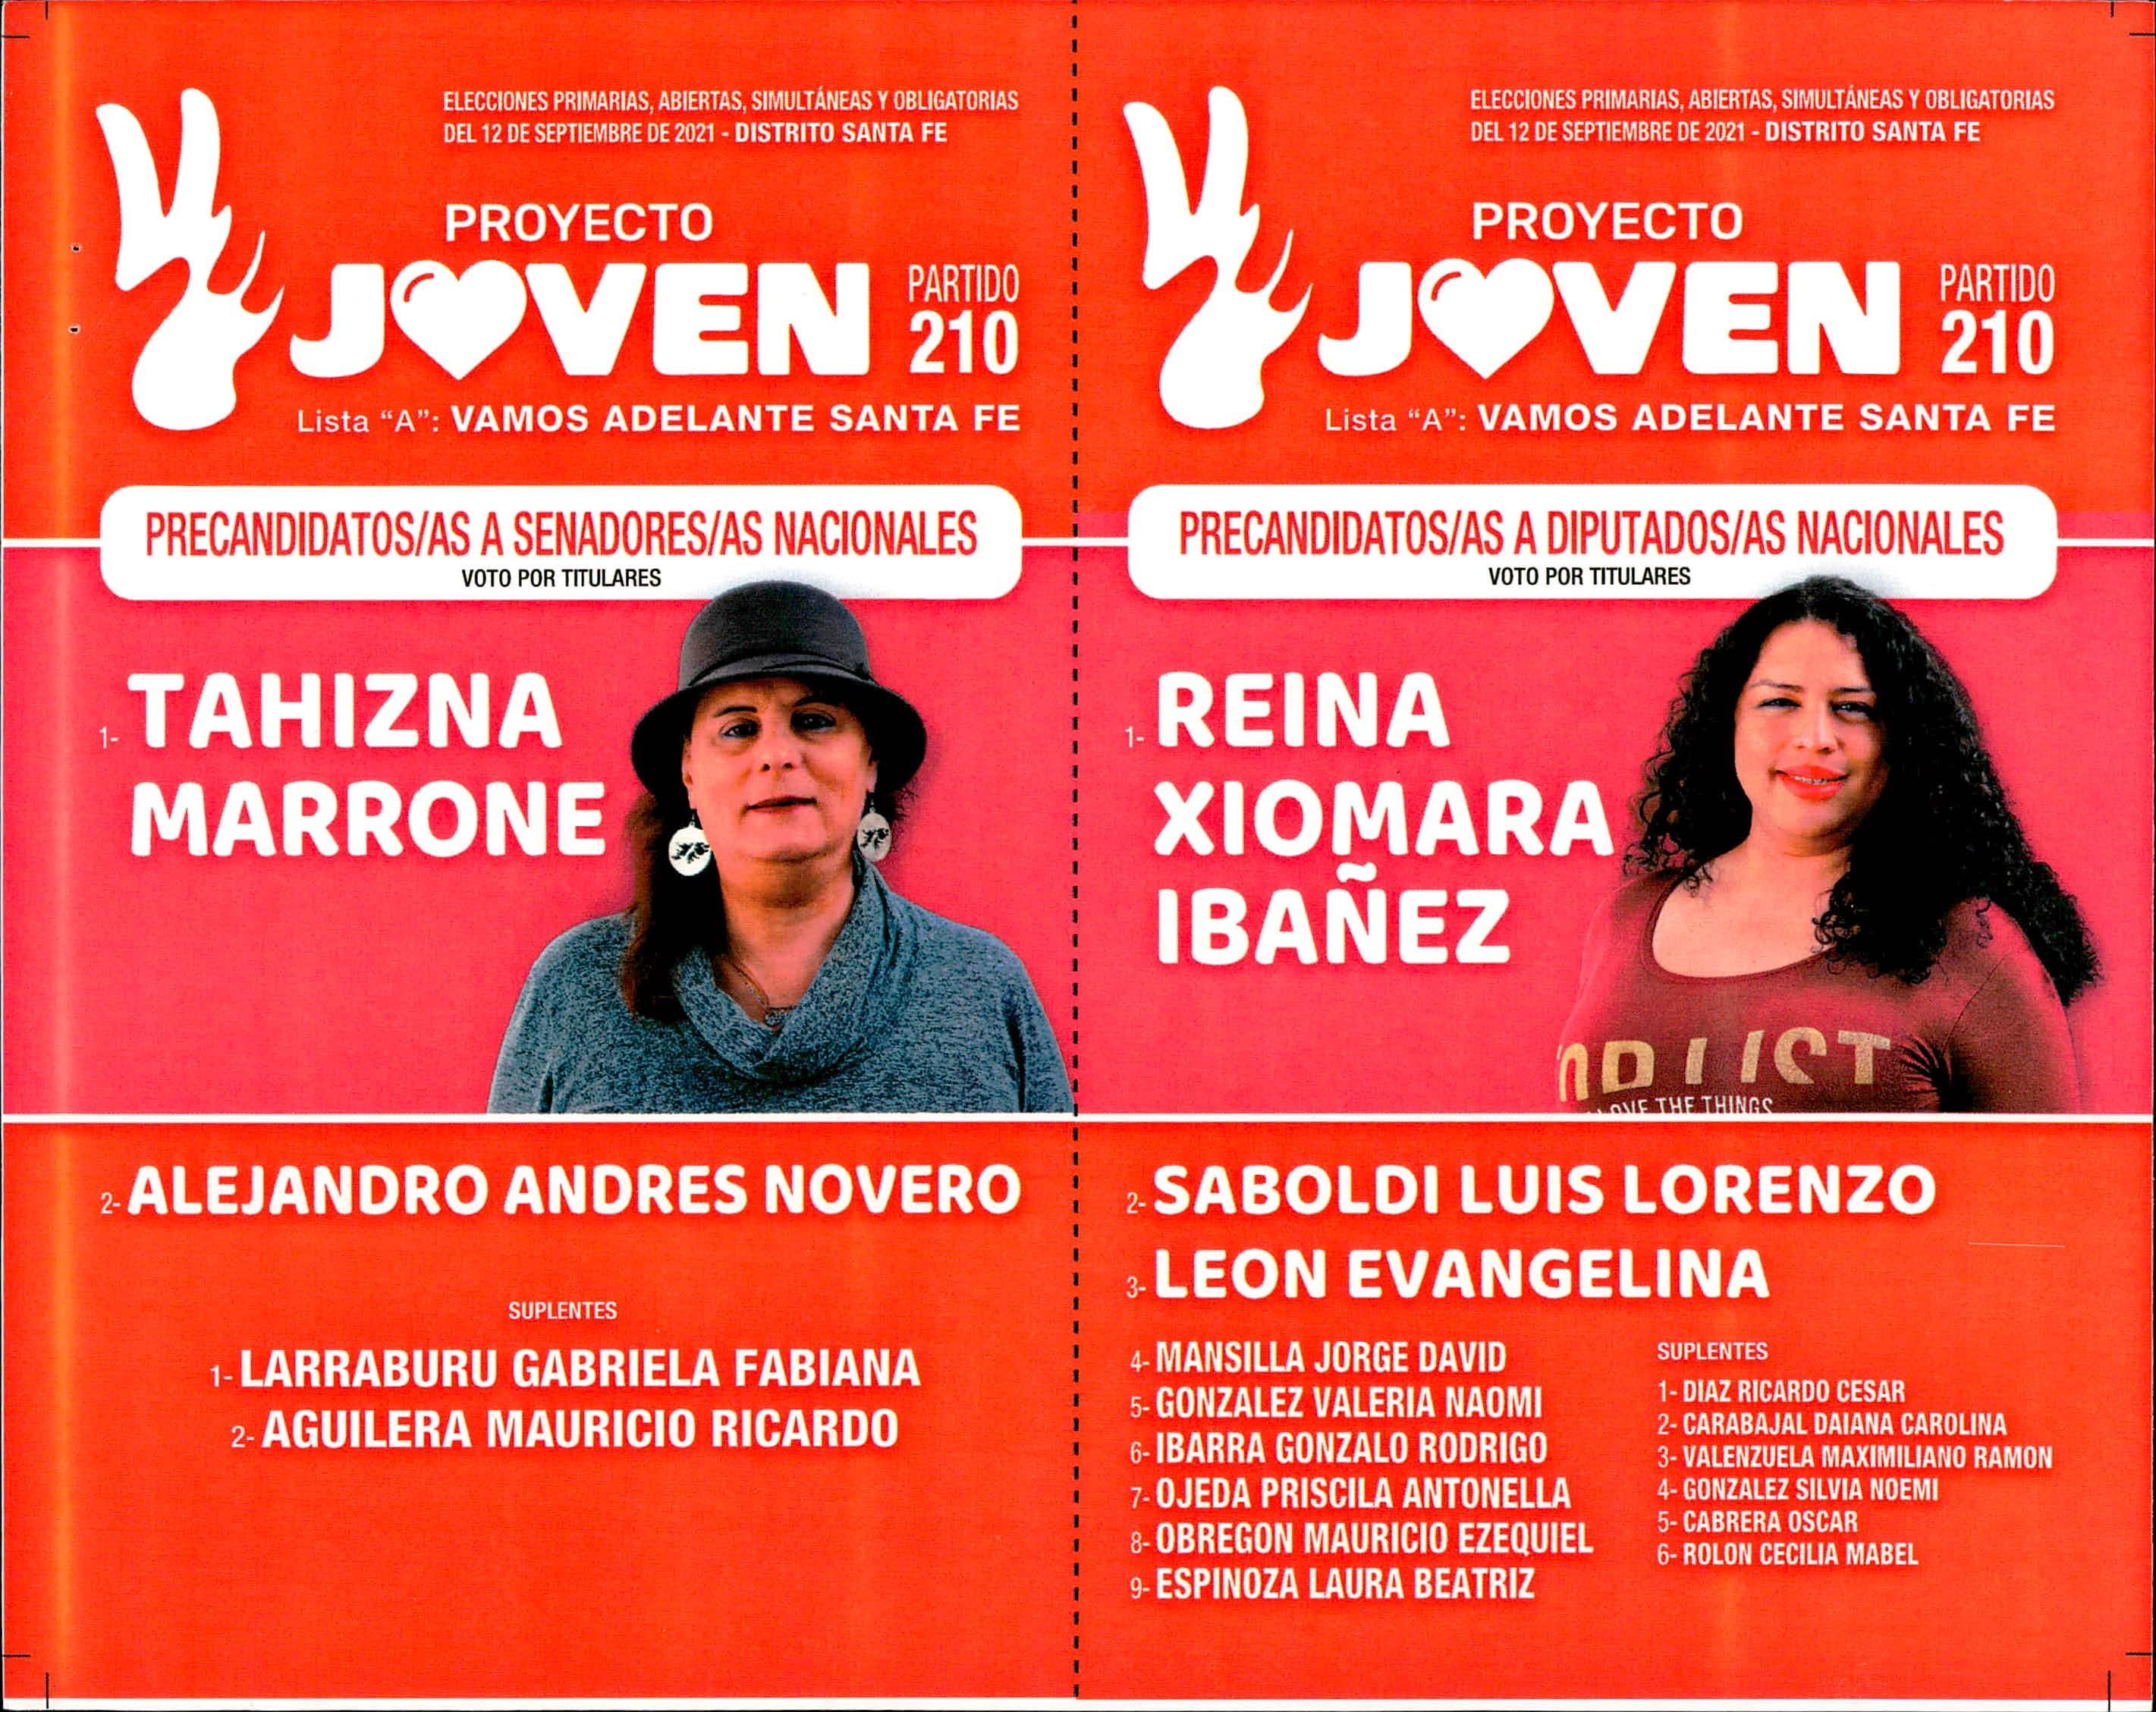 Proyecto_Joven.jpg